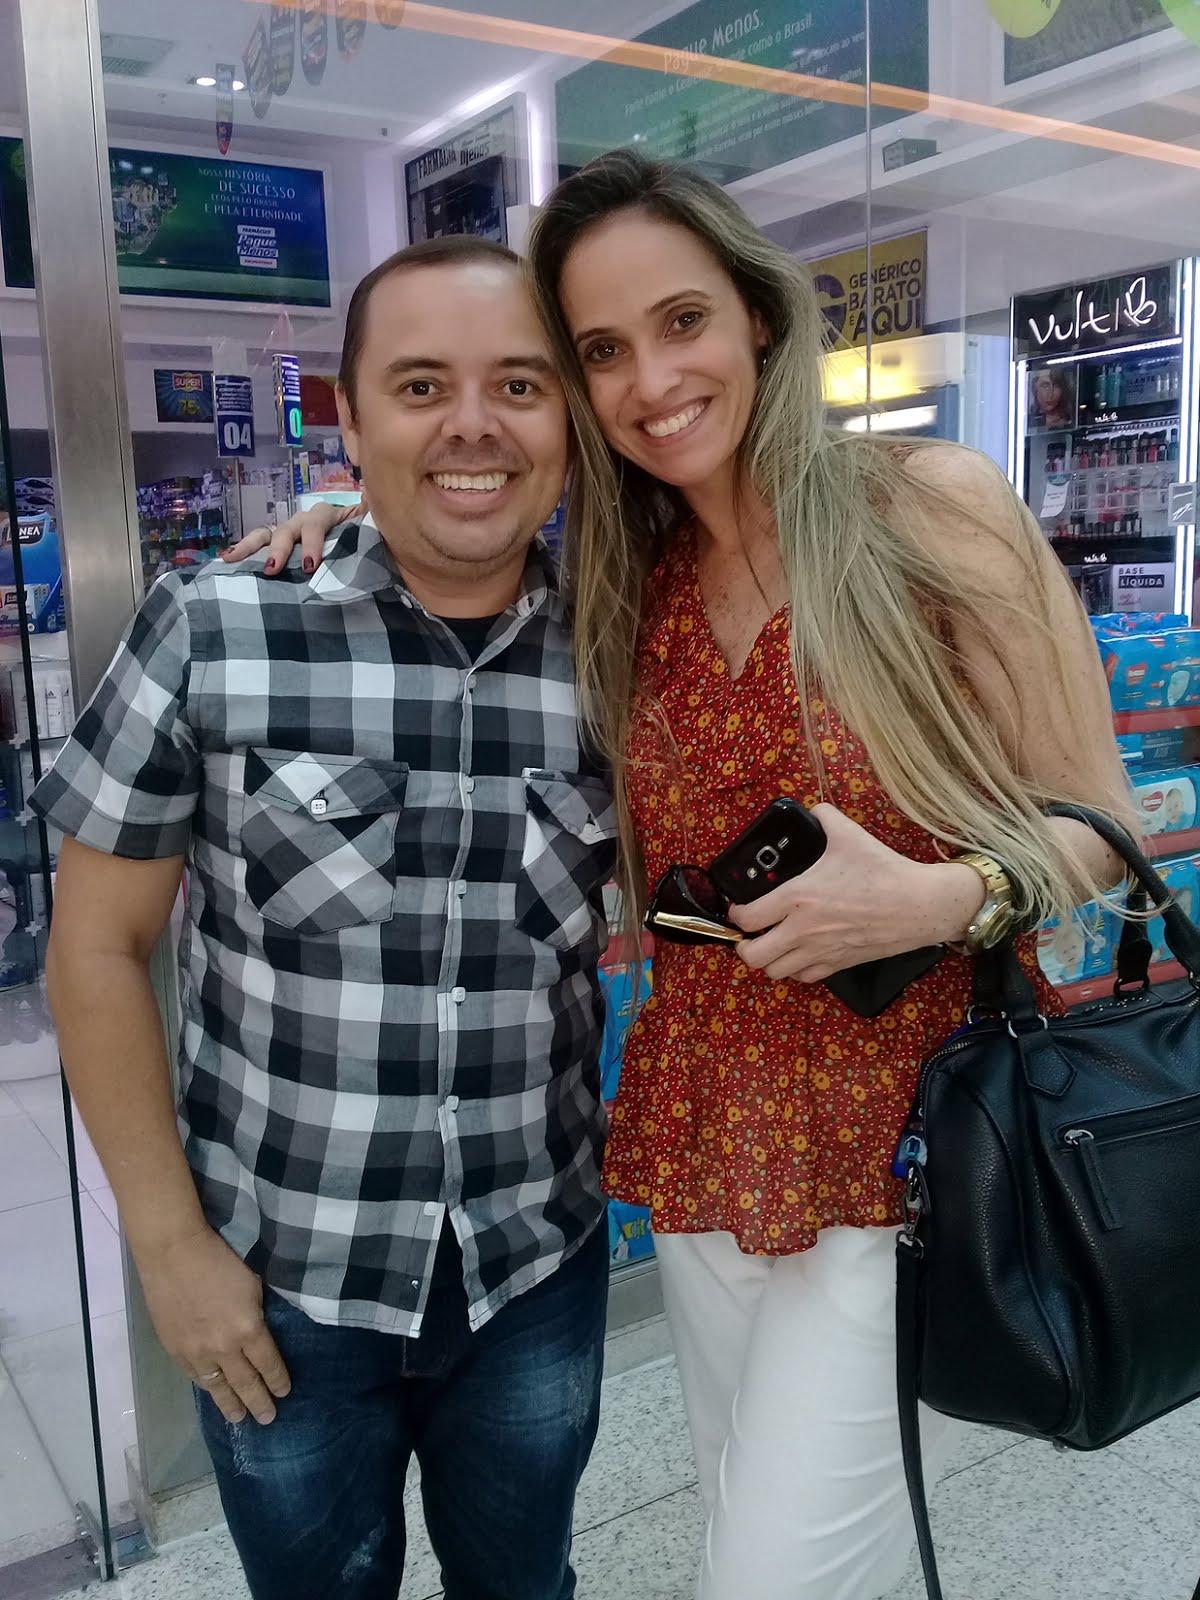 Com a Priscilla Couto (Catuxita) do Xou da Xuxa